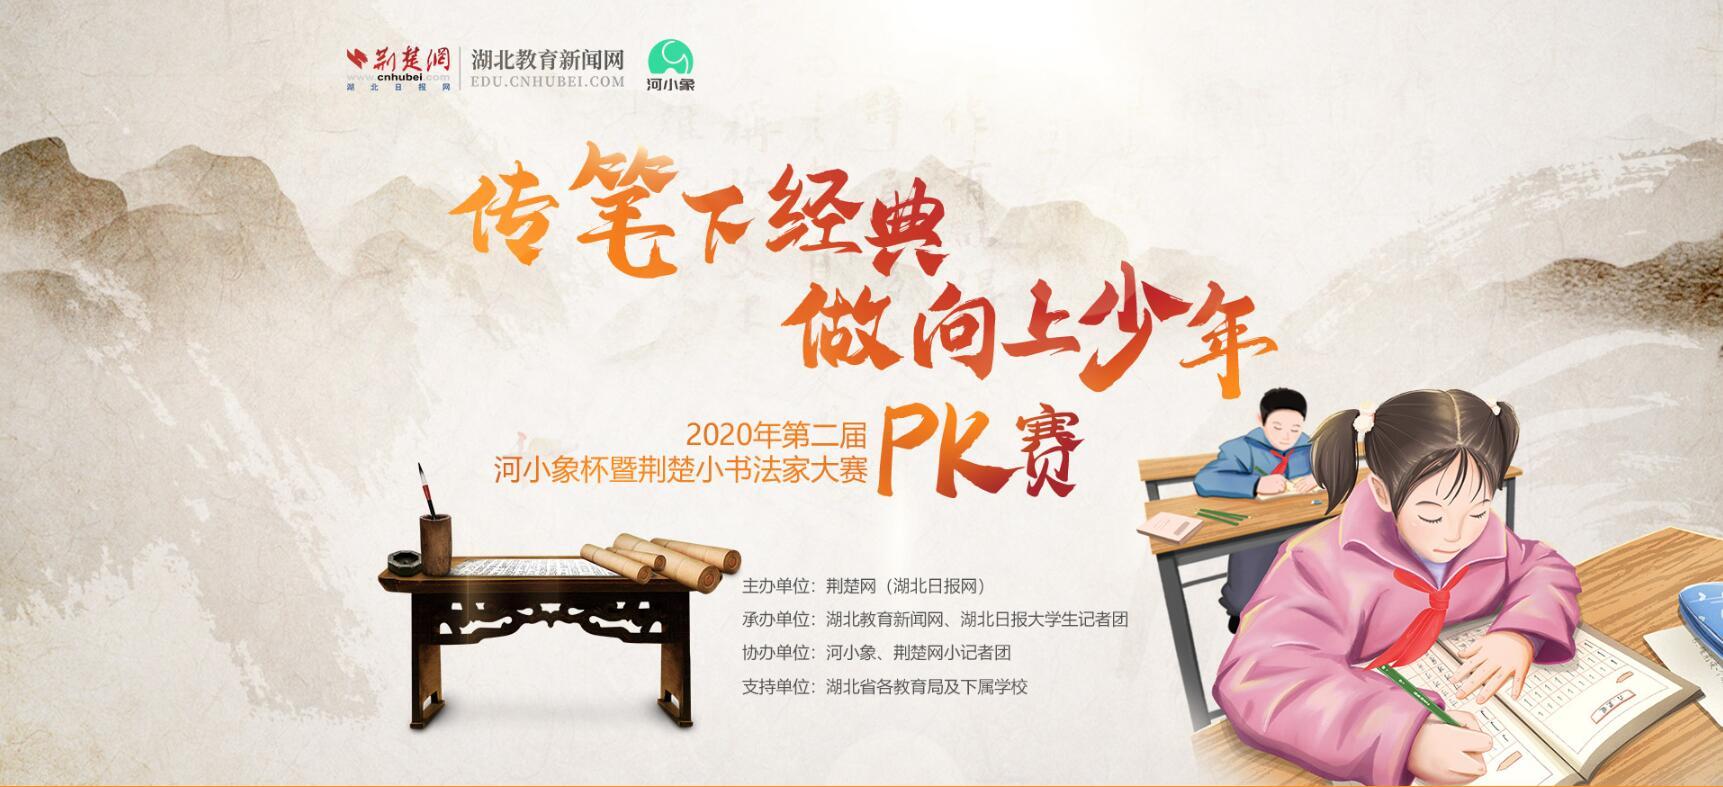 河小象杯——2020第二届荆楚小书法家大赛,正式启动,快来参赛吧!